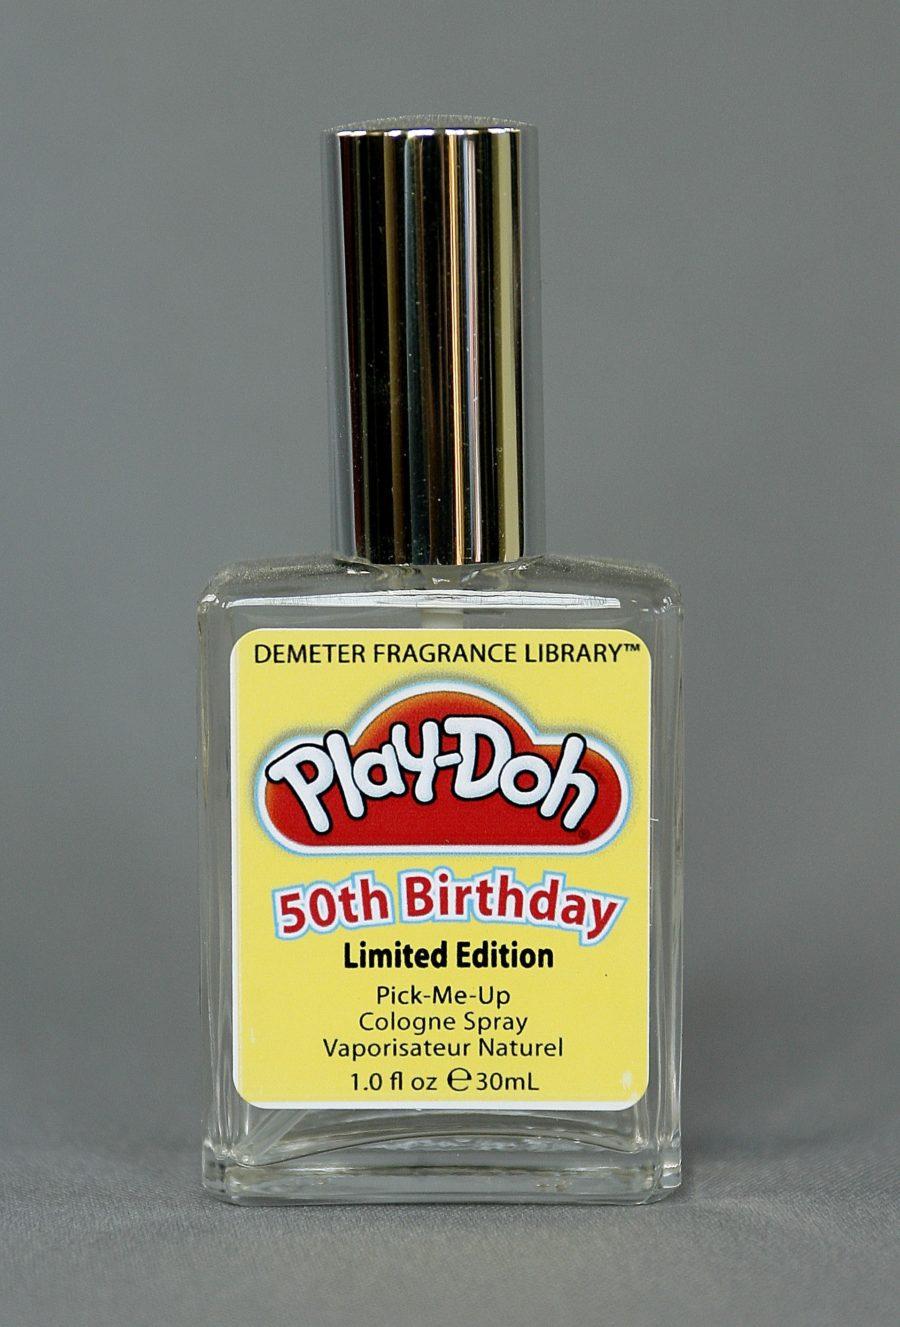 Tom's Selec - fragrance play-doh